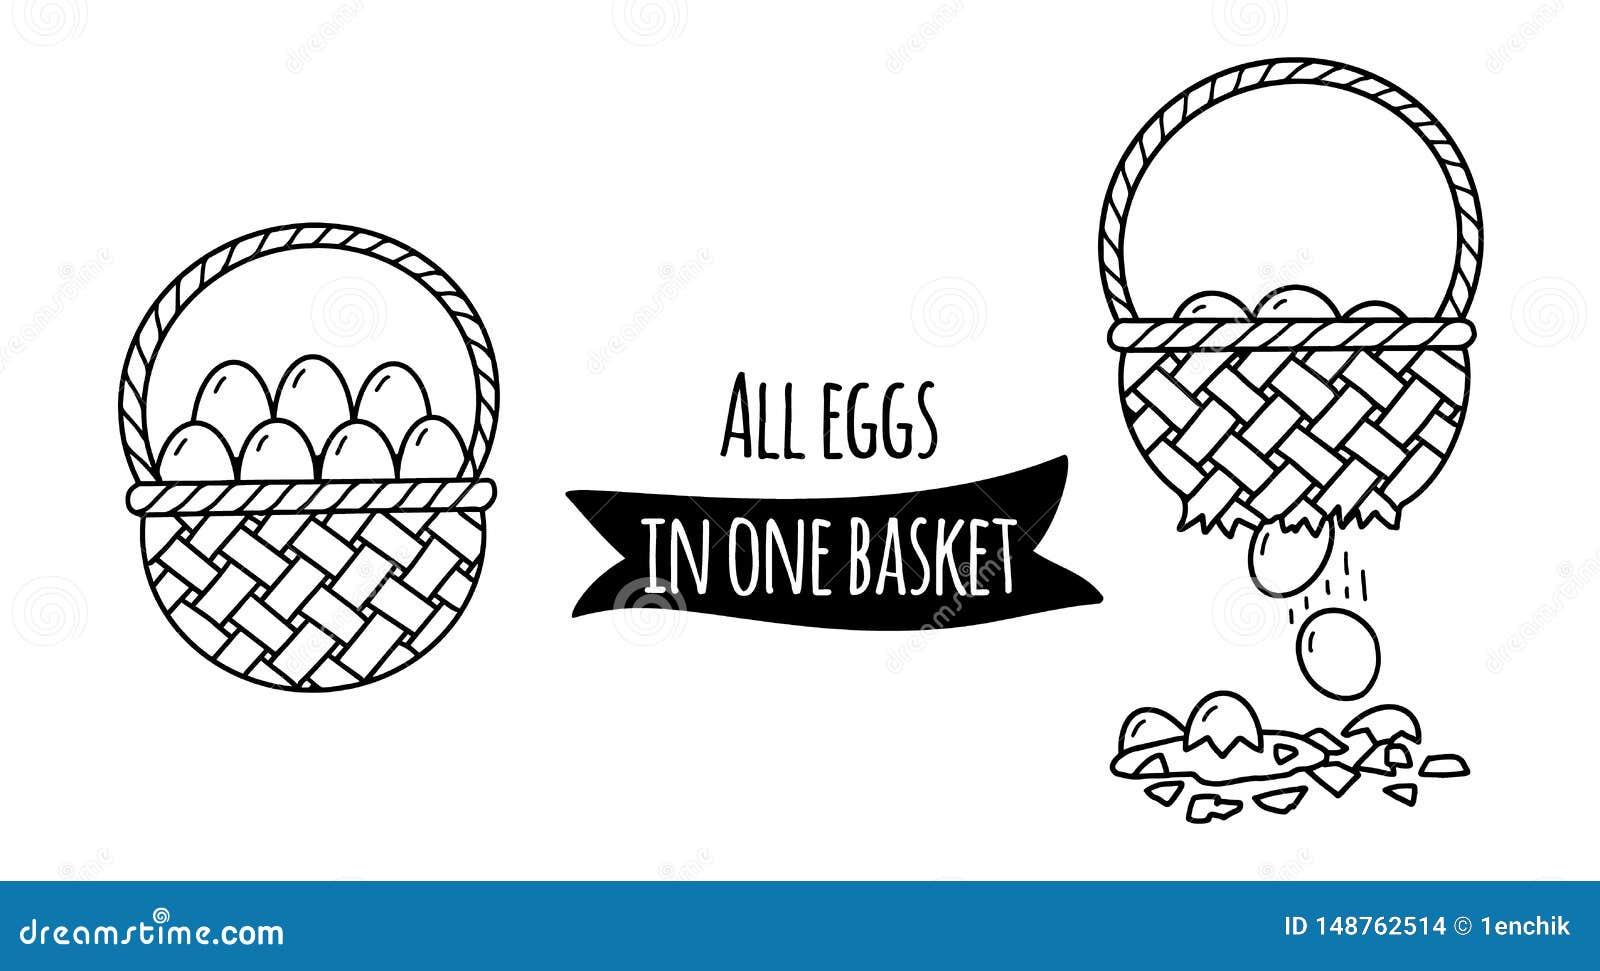 Alle eieren in één mand: mand met eieren en verbrijzeling van hen als illustratie van idee van financiële risico s